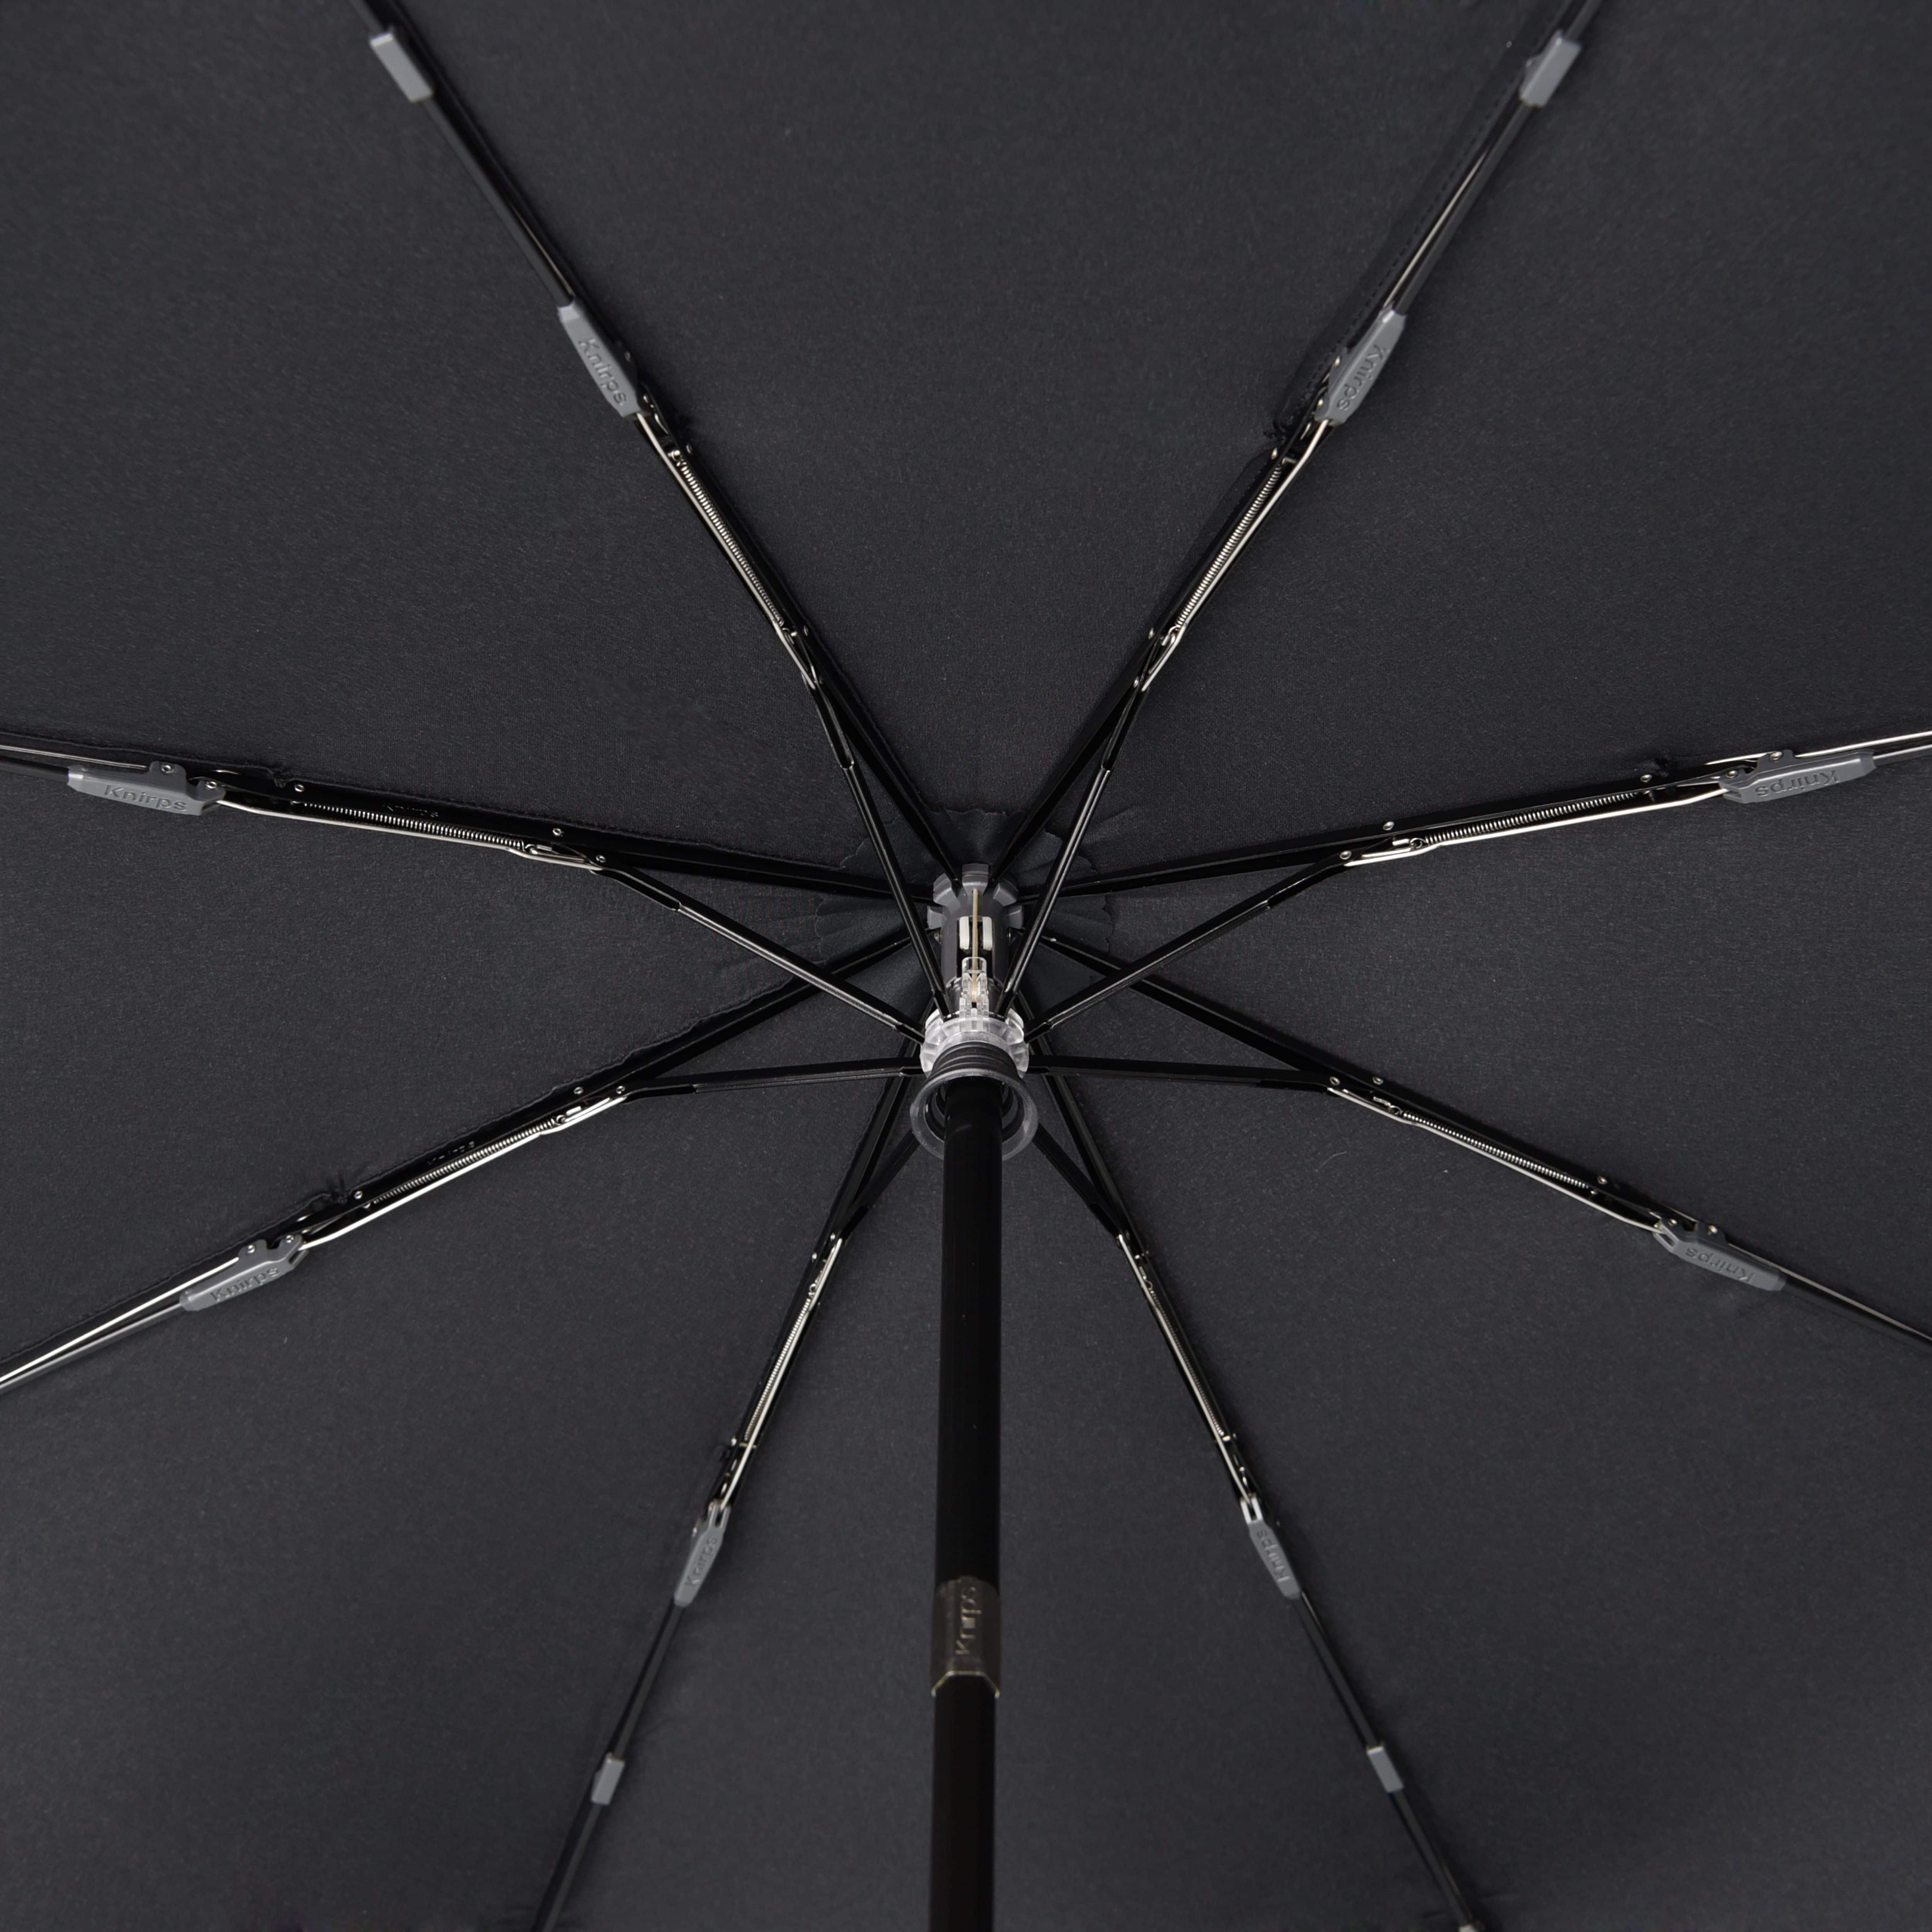 Knirps Umbrella T.260 medium duomatic - foto 3